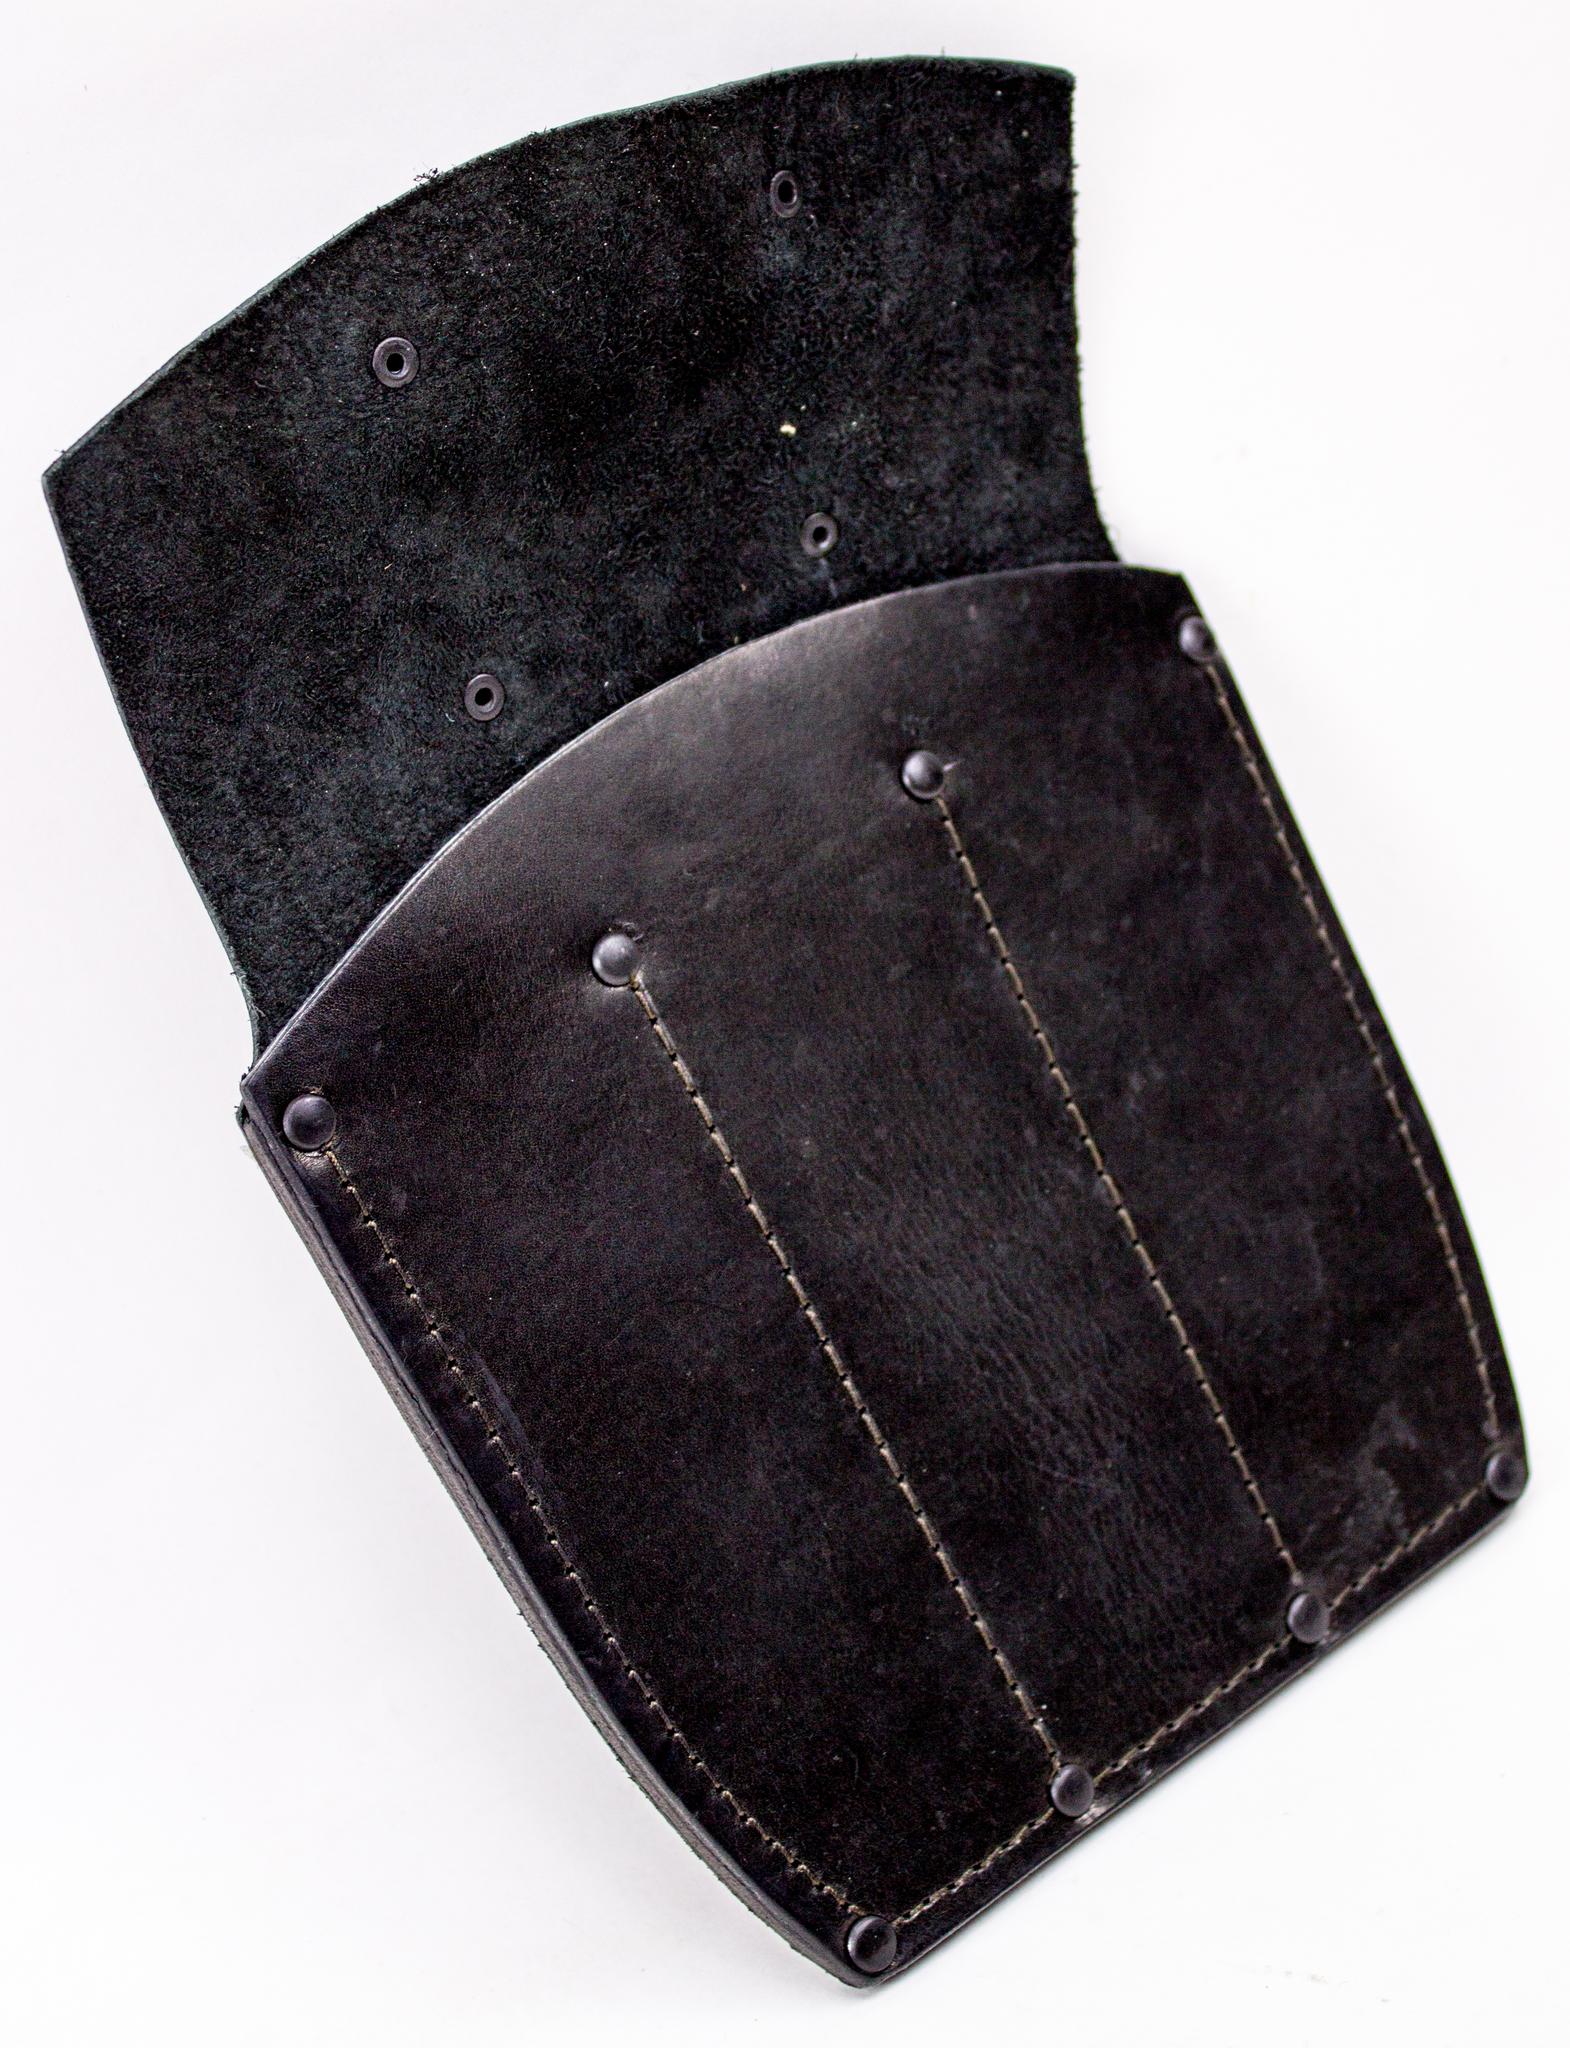 Ножны-чехол для 3-х метательных ножей кожаные, черныеМеталлист<br>Ножны-чехол предназначены для удобного хранения, транспортировки, а также, использования метательных ножей. Для изготовления применена натуральная плотная кожа толщиной 3,5 миллиметра, обладающая отличными эксплуатационными свойствами. Данный материал является износостойким и долговечным. Все швы усилены металлическими заклепками. Чехол разделен на равные секции, предназначенные для 3-х метательных ножей. Максимальная глубина каждого отделения составляет 18 сантиметров. Оборотная сторона ножен оборудована специальными петлями для удобного ношения на ремне.<br>